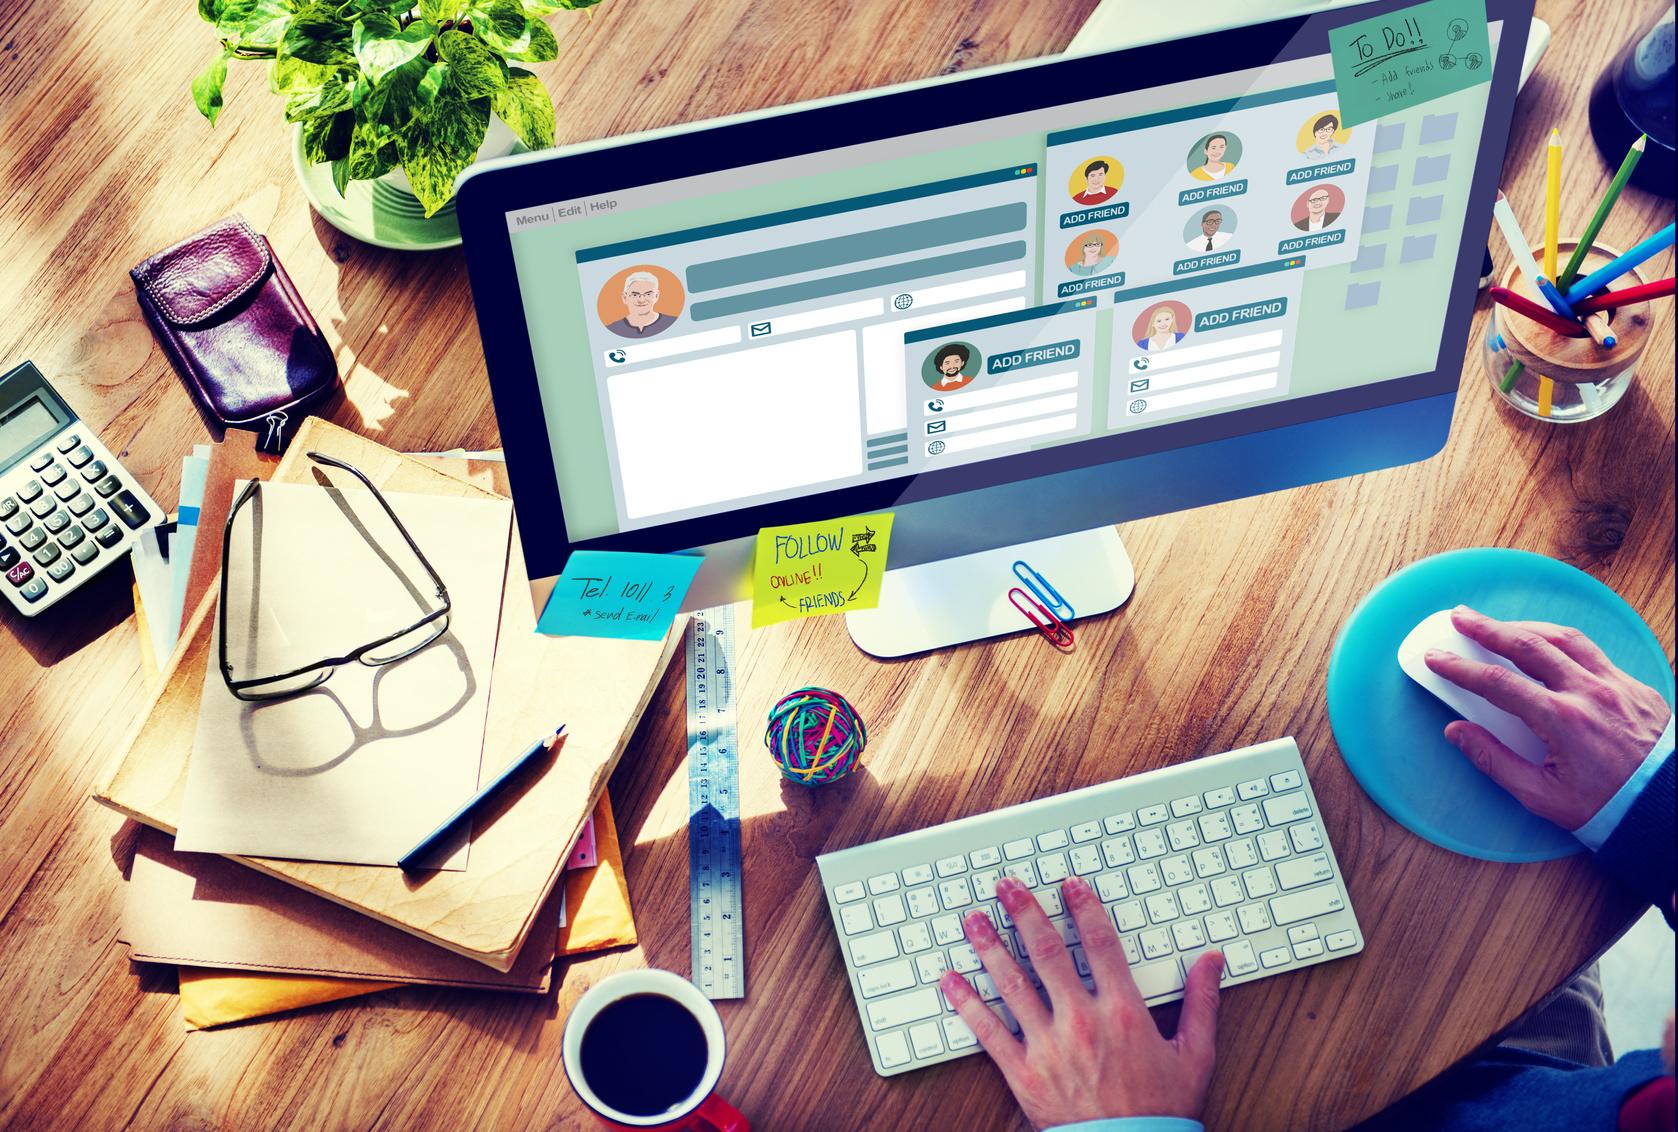 در استوری اینستاگرام داستان کسب و کار خود را بگویید و مرزهای فروش خود را بشکنید!